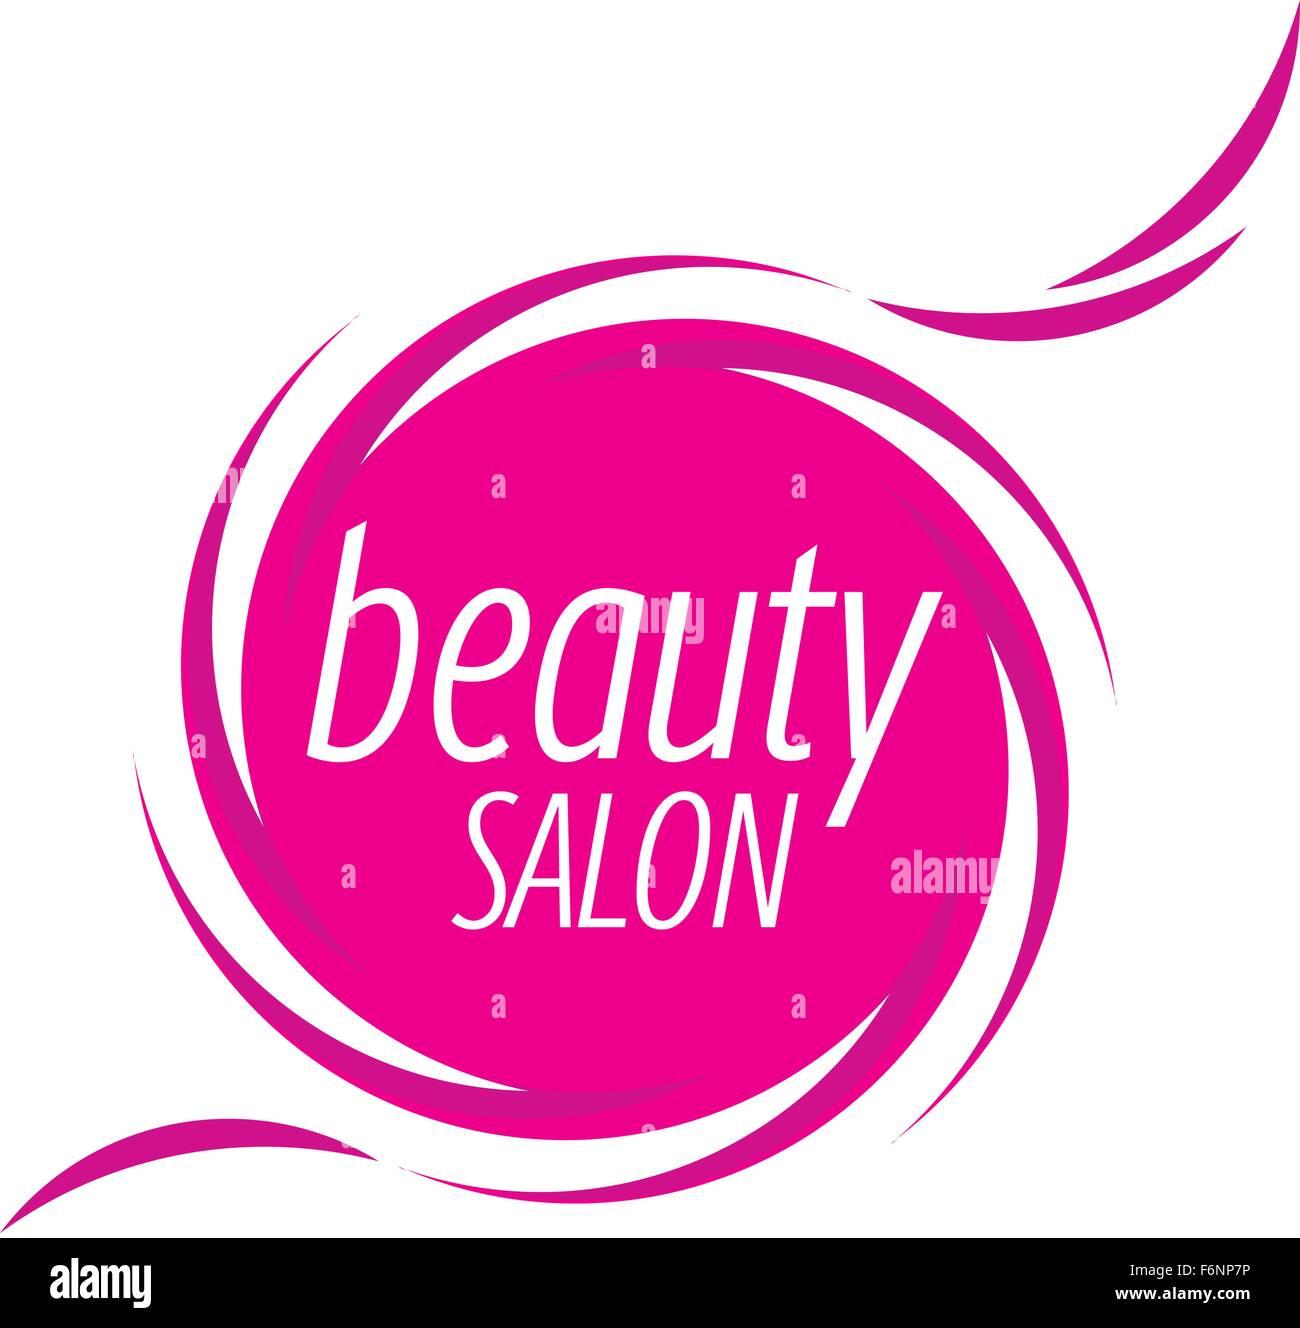 Salon logo gallery cv letter and format 123paintcolorwnload salon logo gallery cv letter and format altavistaventures Images